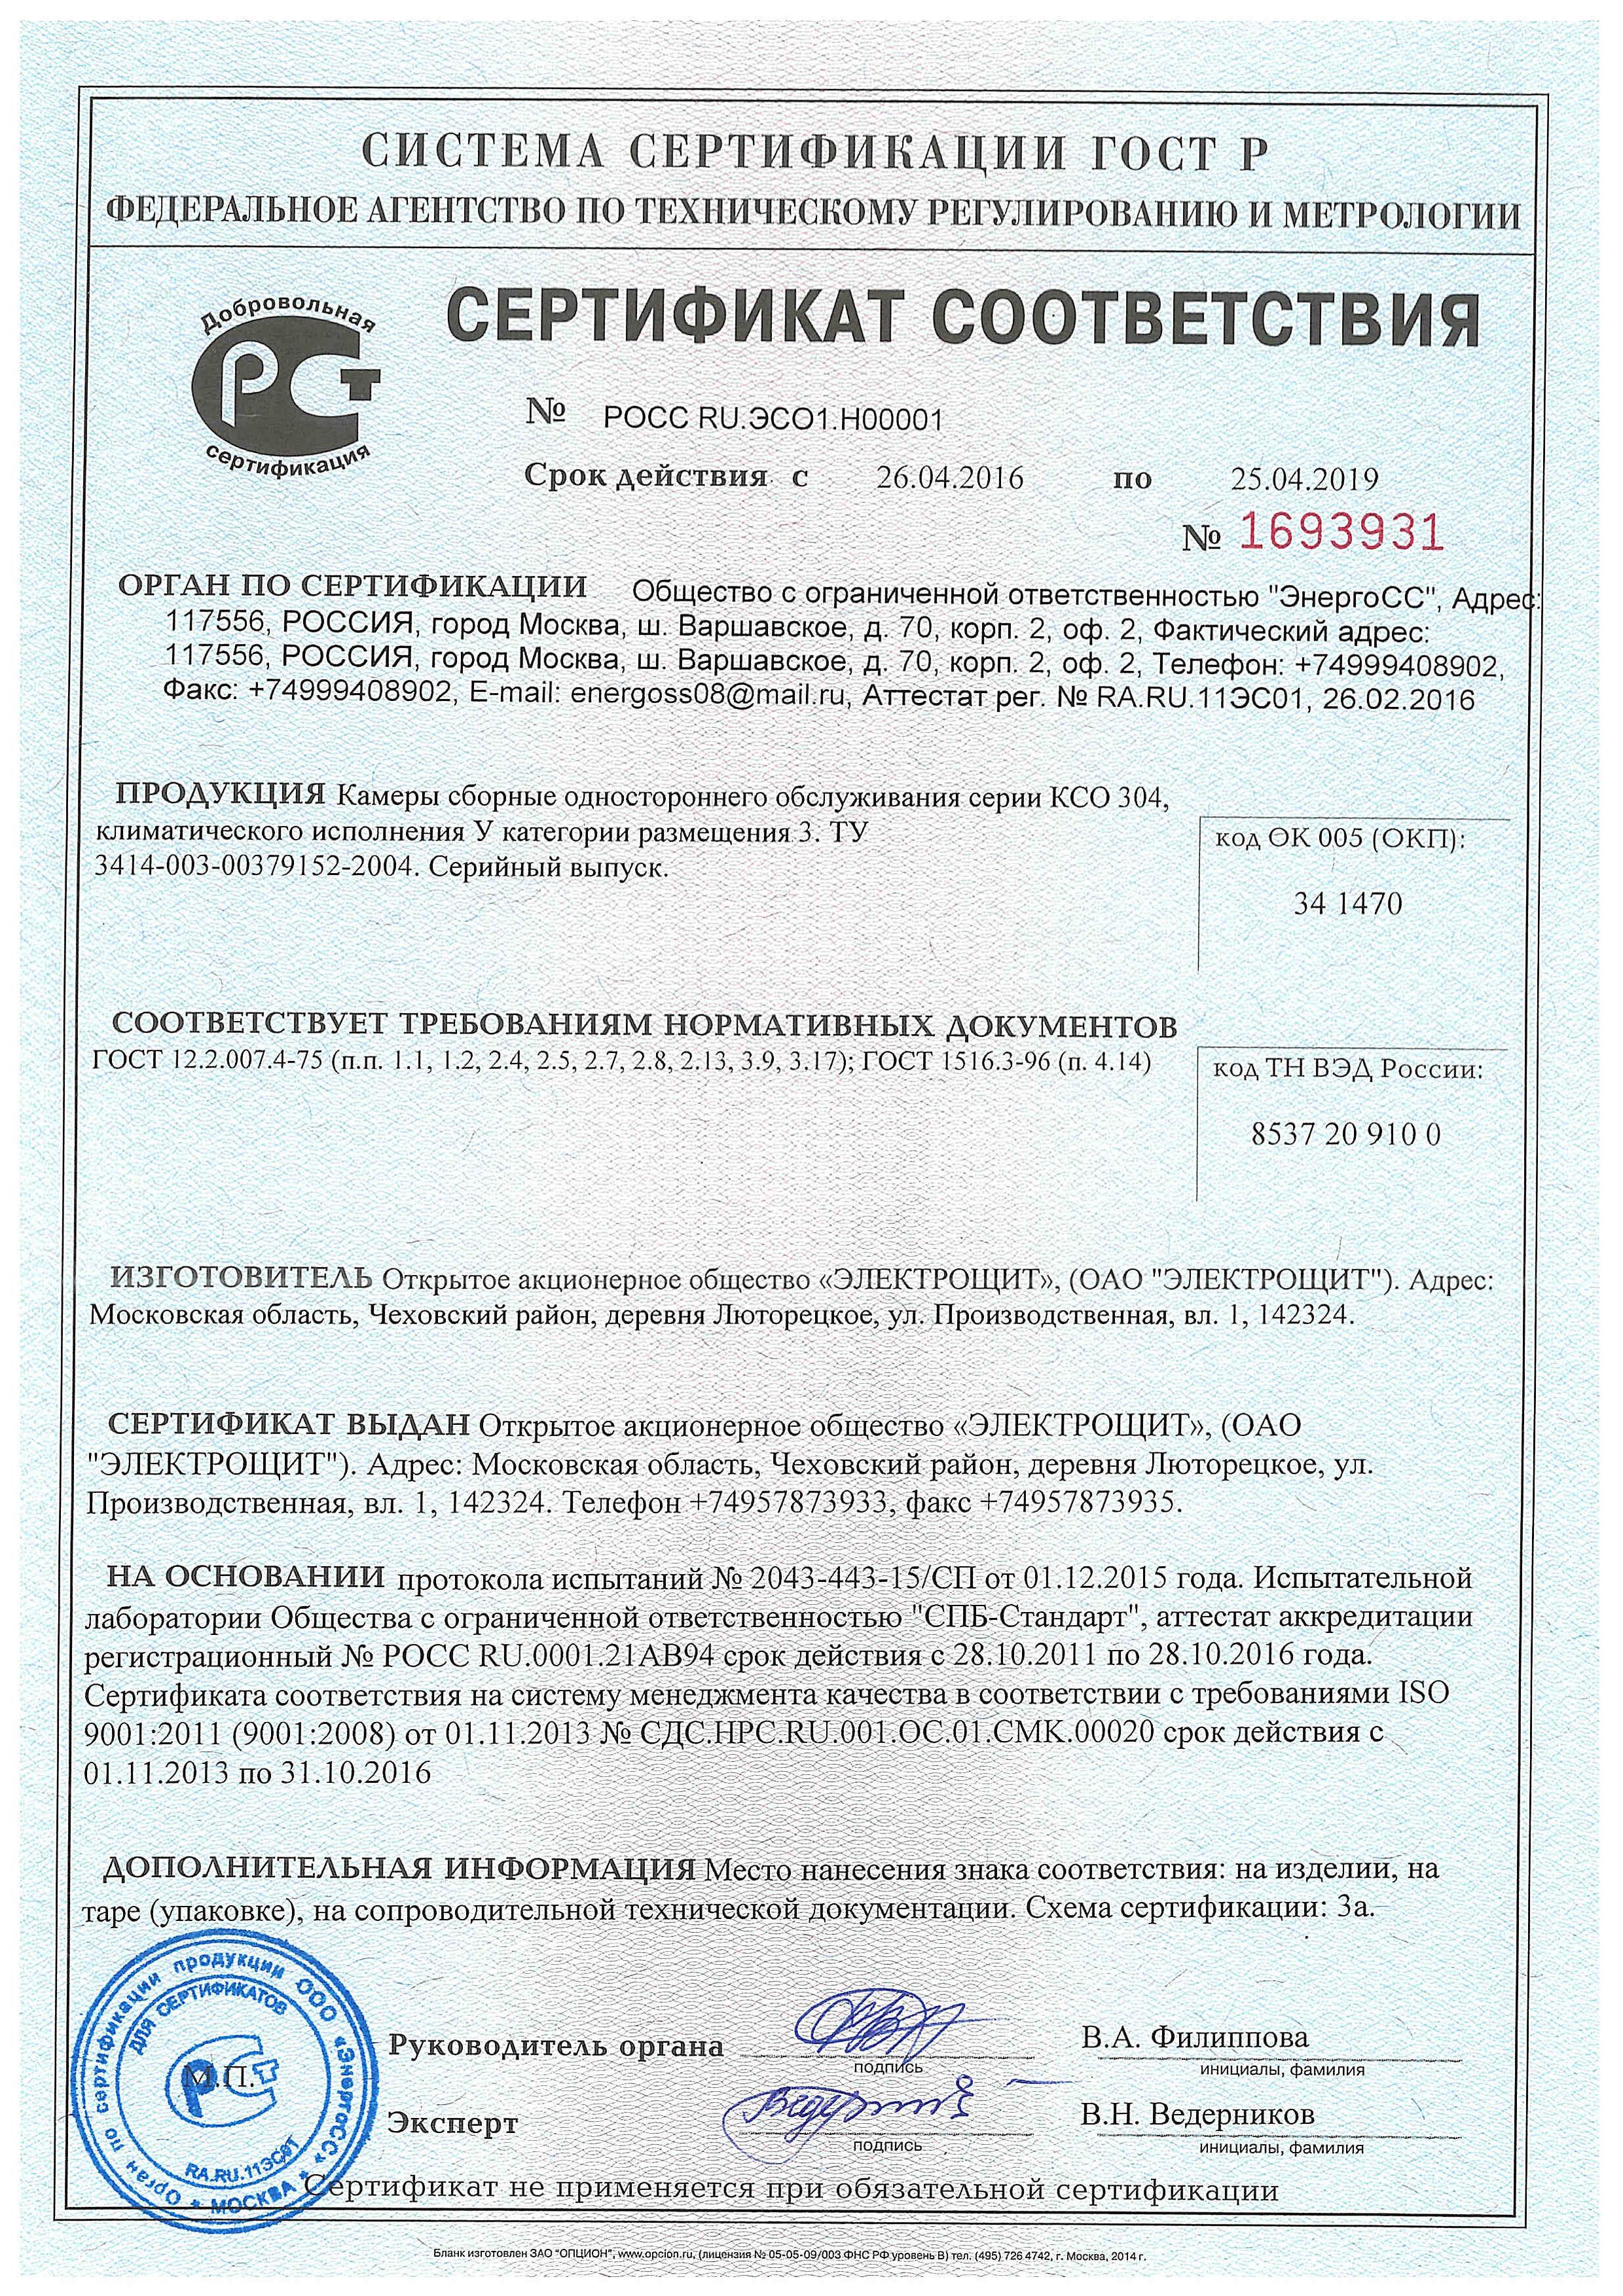 Сертификат соответствия КСО304 до 25.04.2019 (pdf.io)